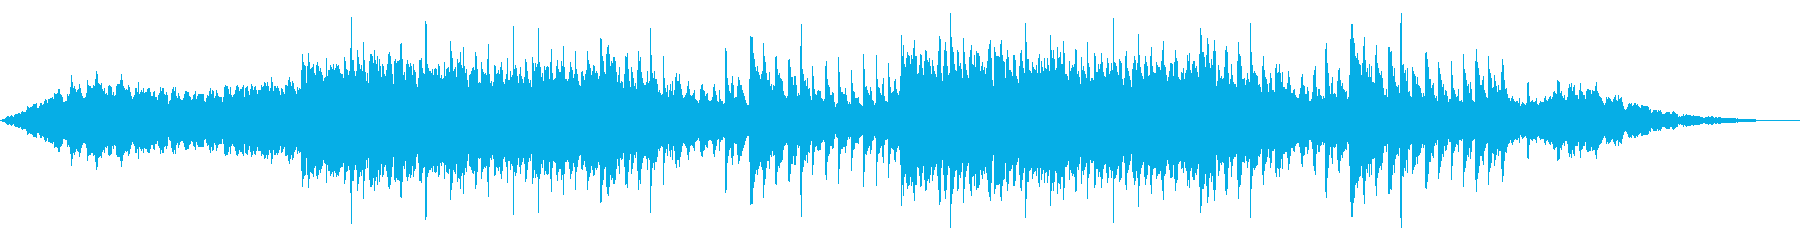 パワフルで感動的な壮大ピアノアンビエントの再生済みの波形